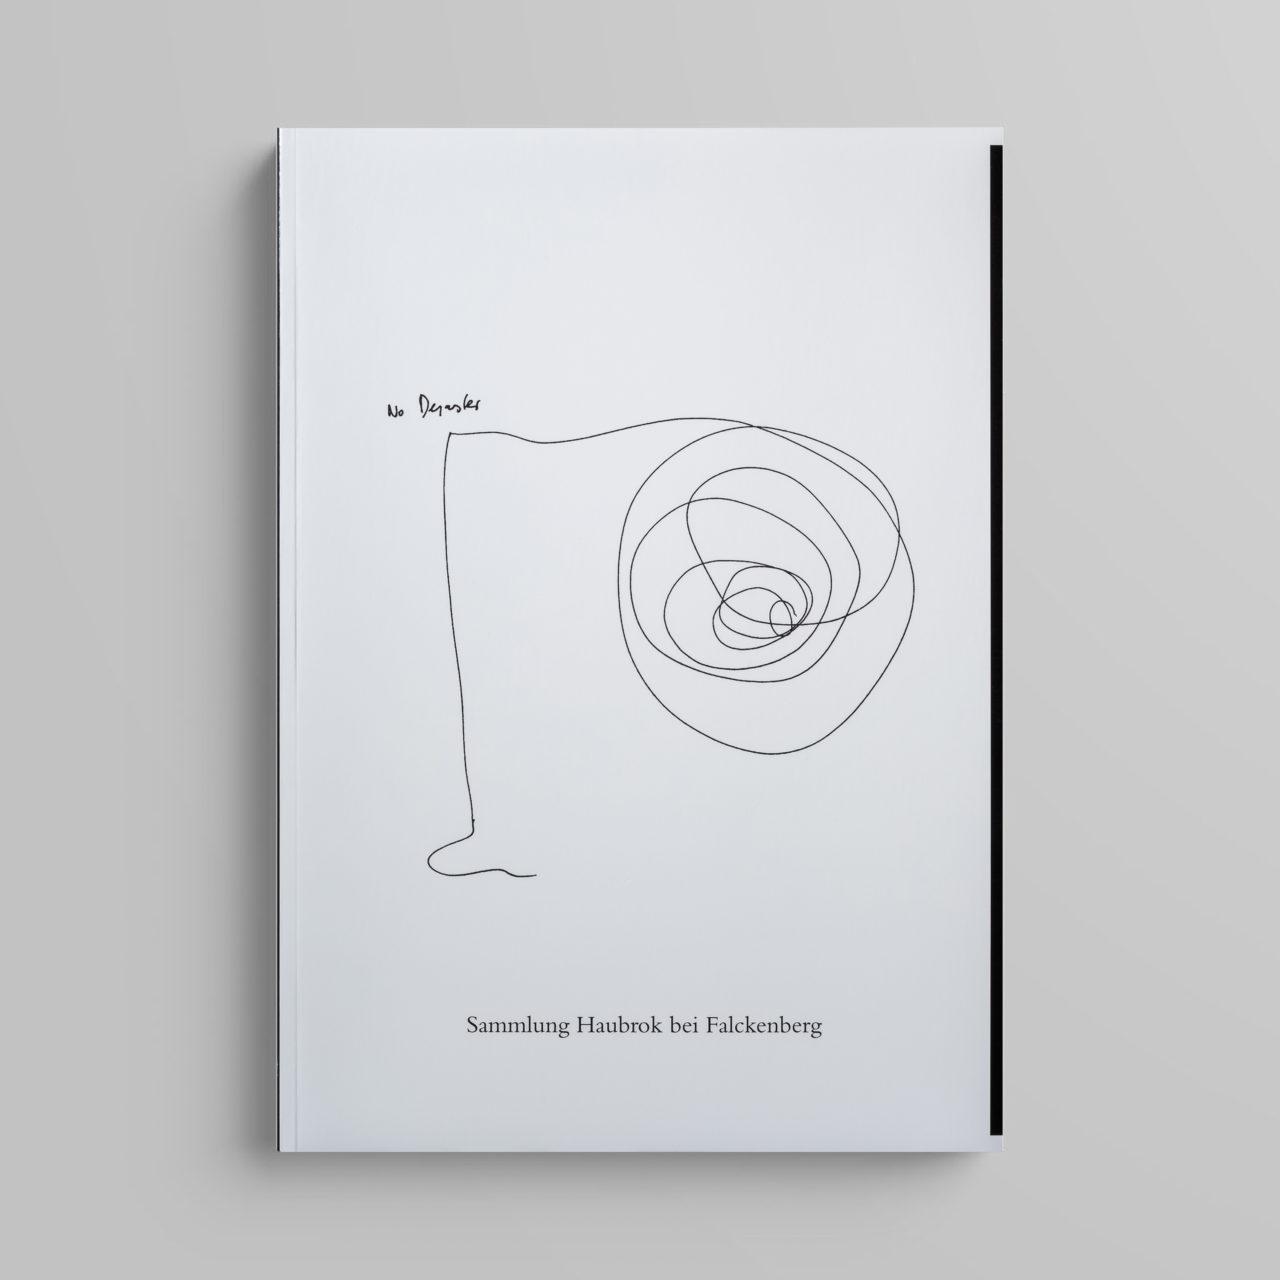 No Desaster, Snoeck Verlag, 2013